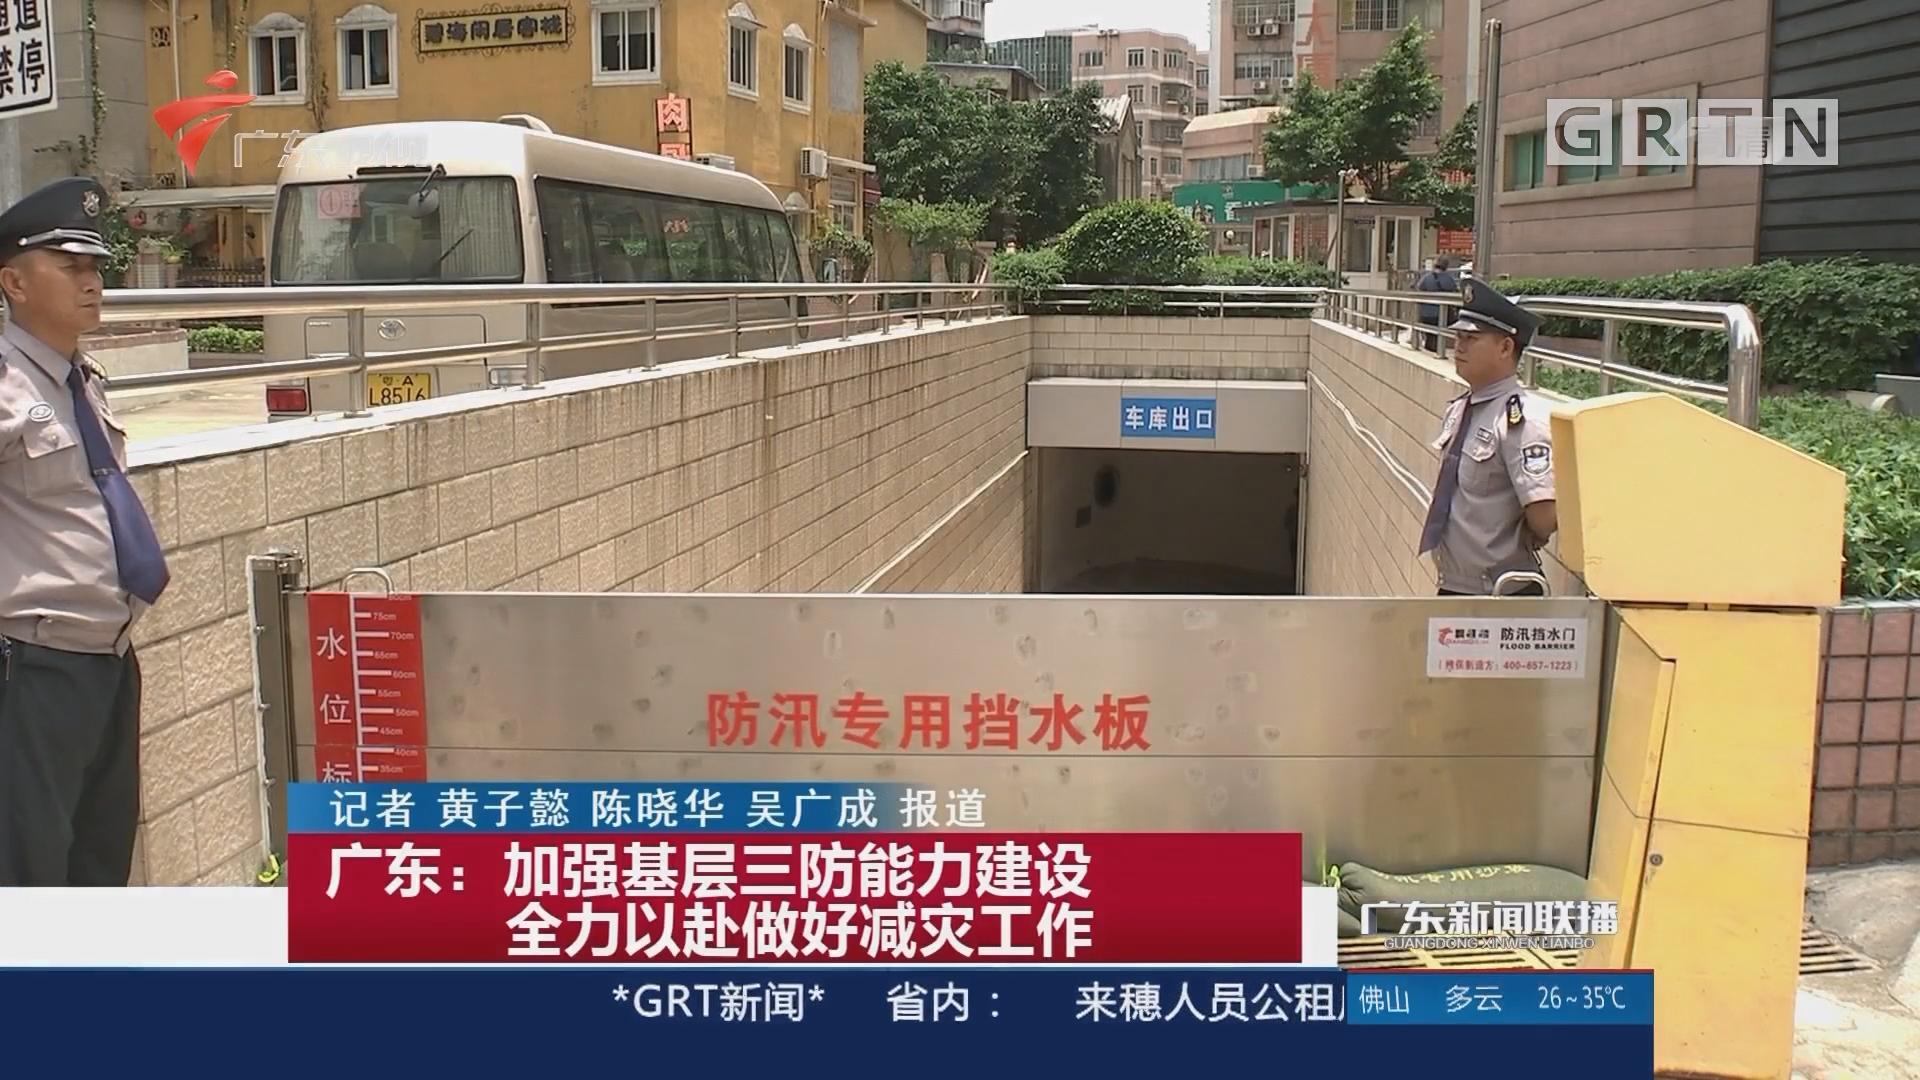 广东:加强基层三防能力建设 全力以赴做好减灾工作